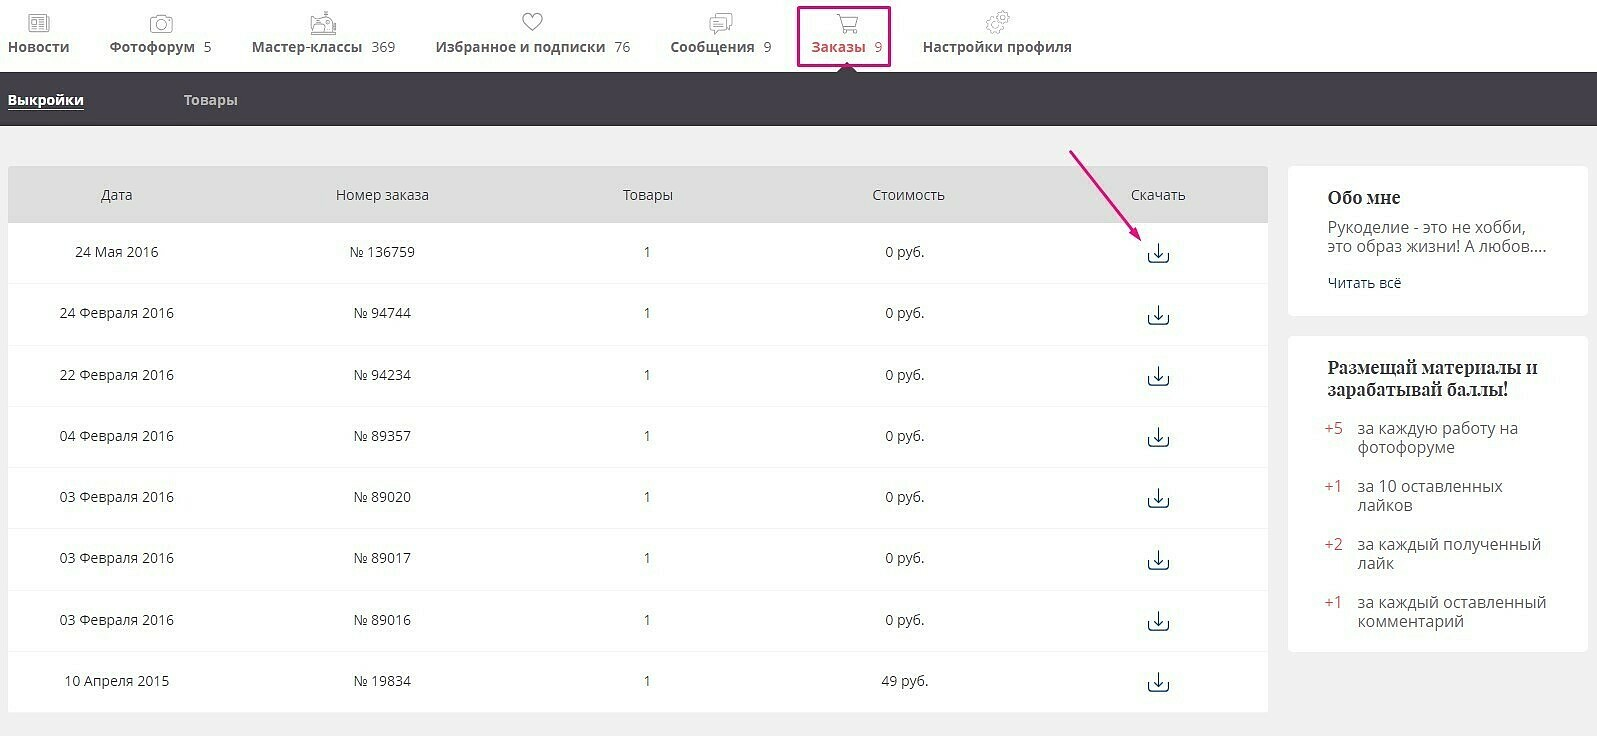 Как купить электронную выкройку насайте burdastyle.ru?